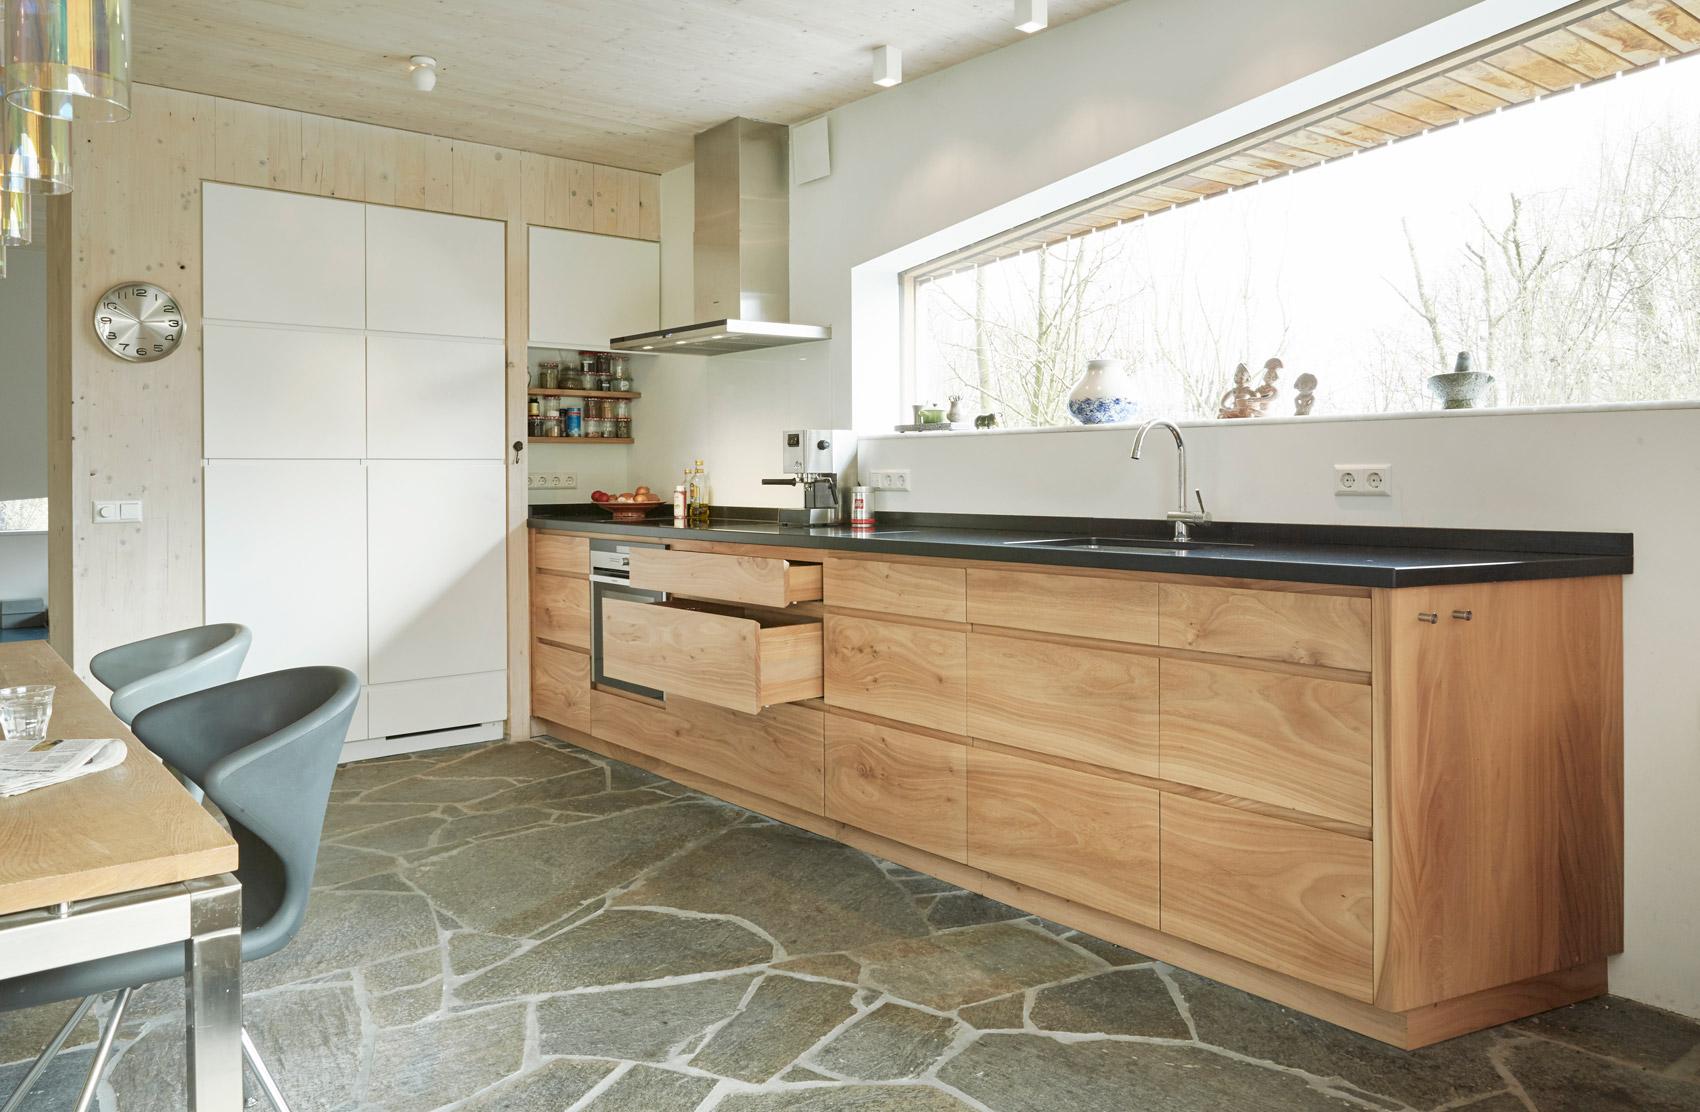 Houtwerk hattem handgemaakte duurzame keukens en meubels - Meubels studio keuken ...